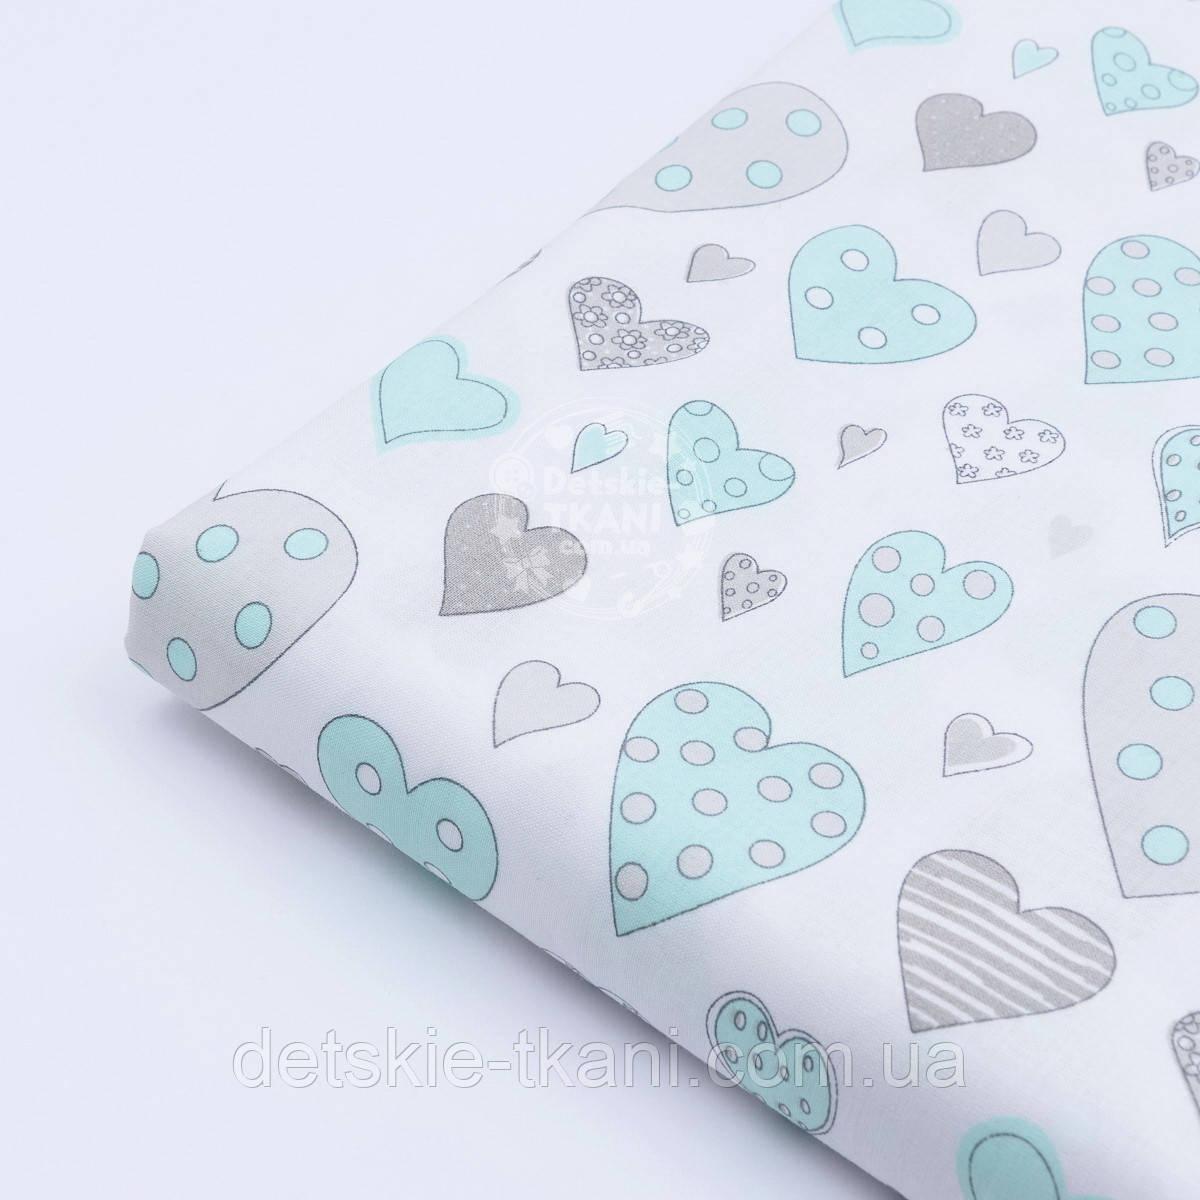 Лоскут ткани с сердечками серого и мятного цвета разного размера  на белом (№1657а), размер 33*49 см